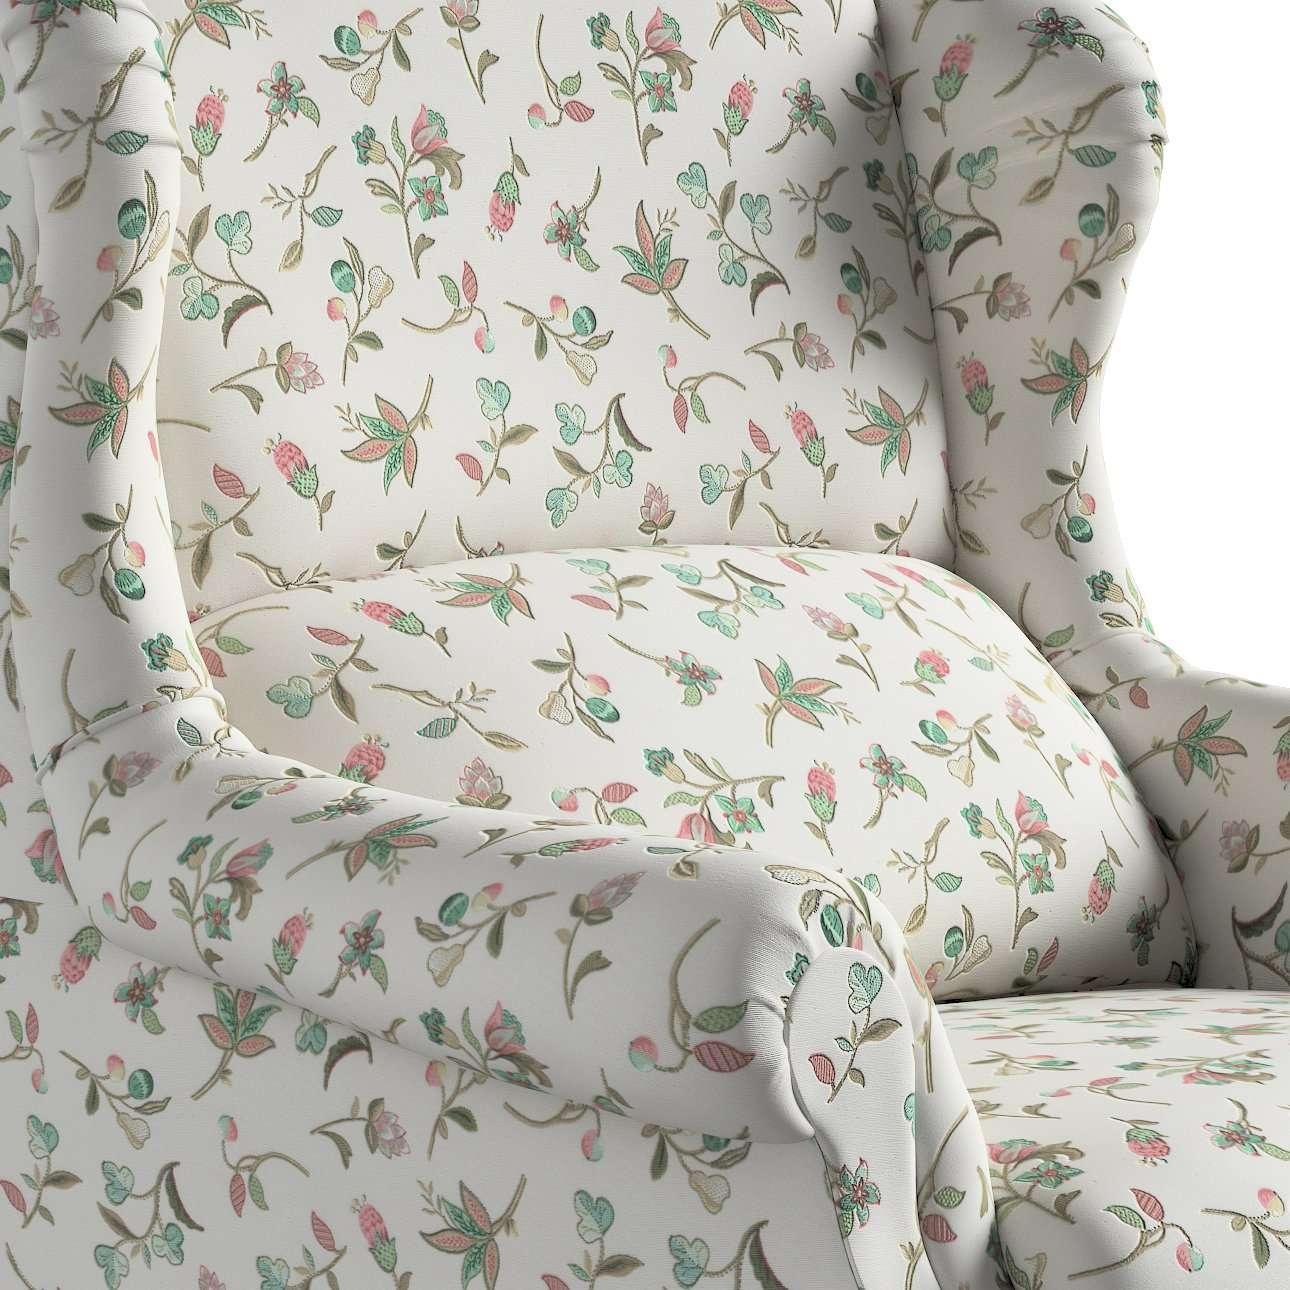 Sessel 63 x 115 cm von der Kollektion Londres, Stoff: 122-02